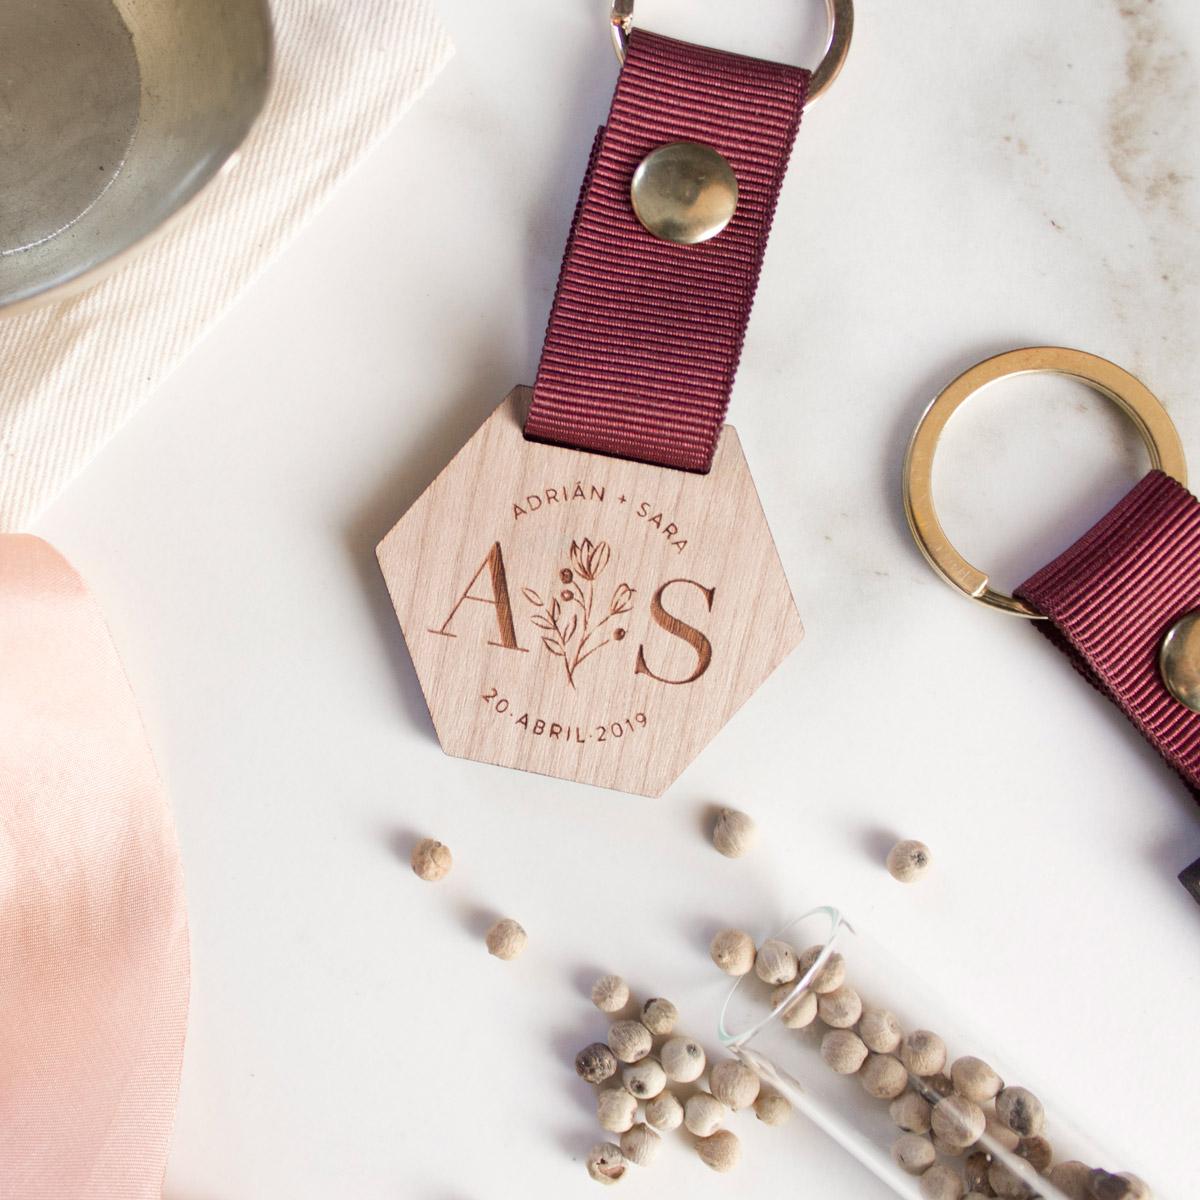 Llaveros-de-madera-personalizados-regalo-boda-08